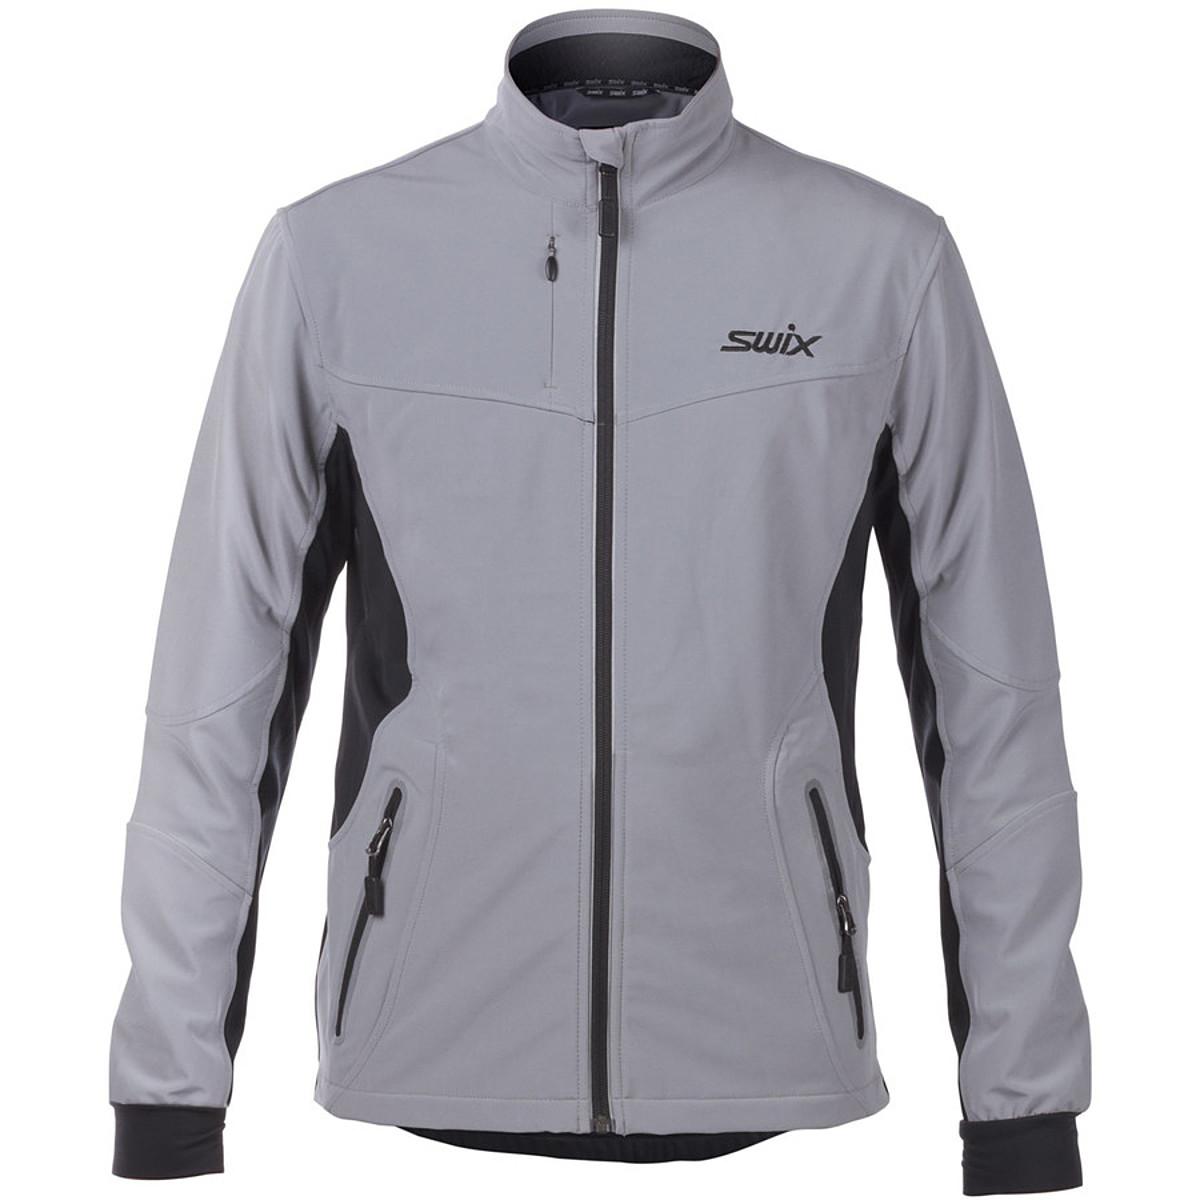 Swix Bergan Jacket